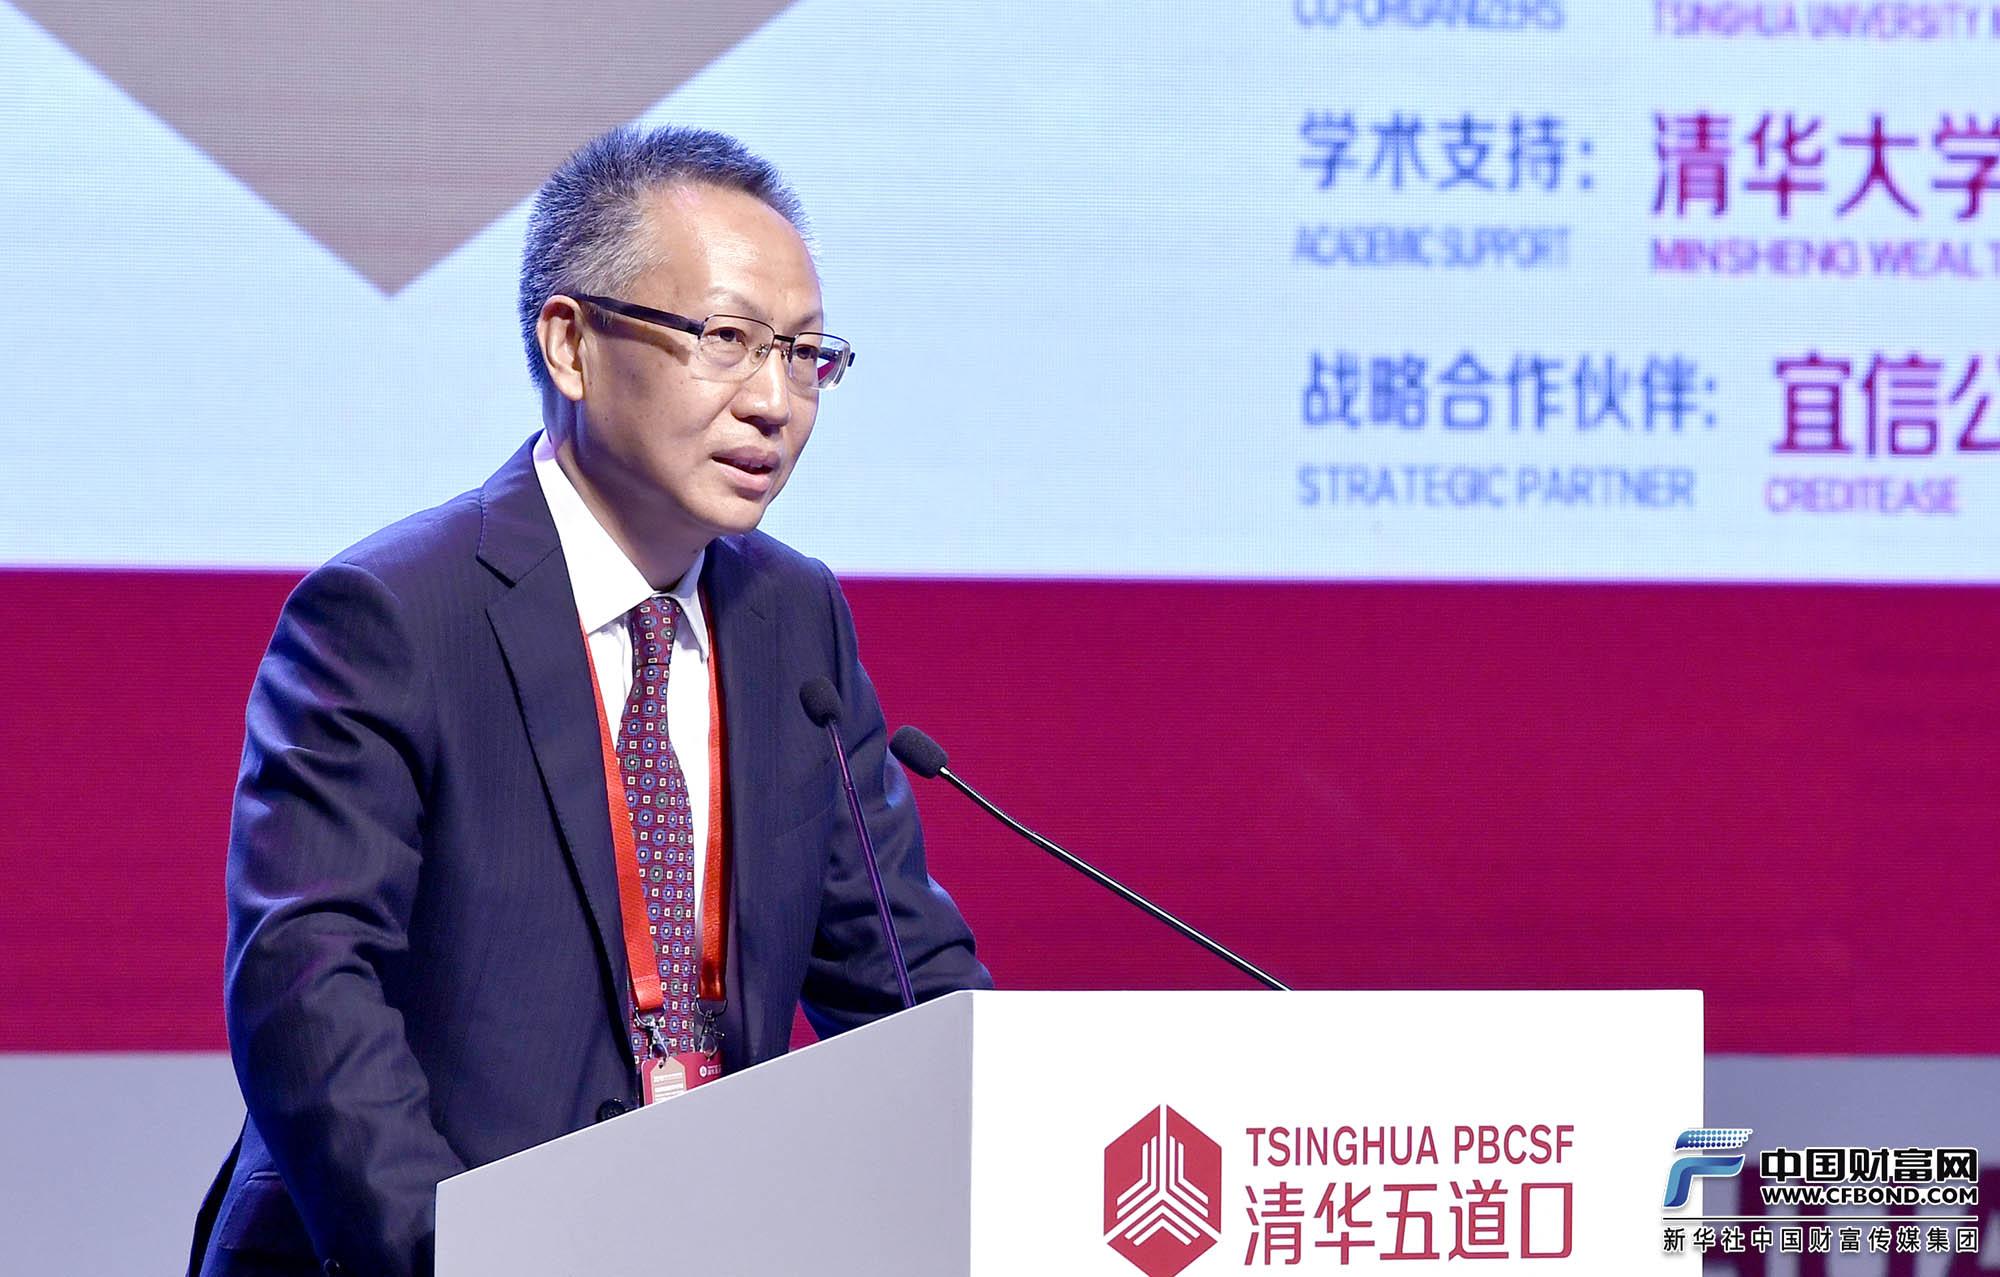 张健华:商业银行应该深挖内部潜力